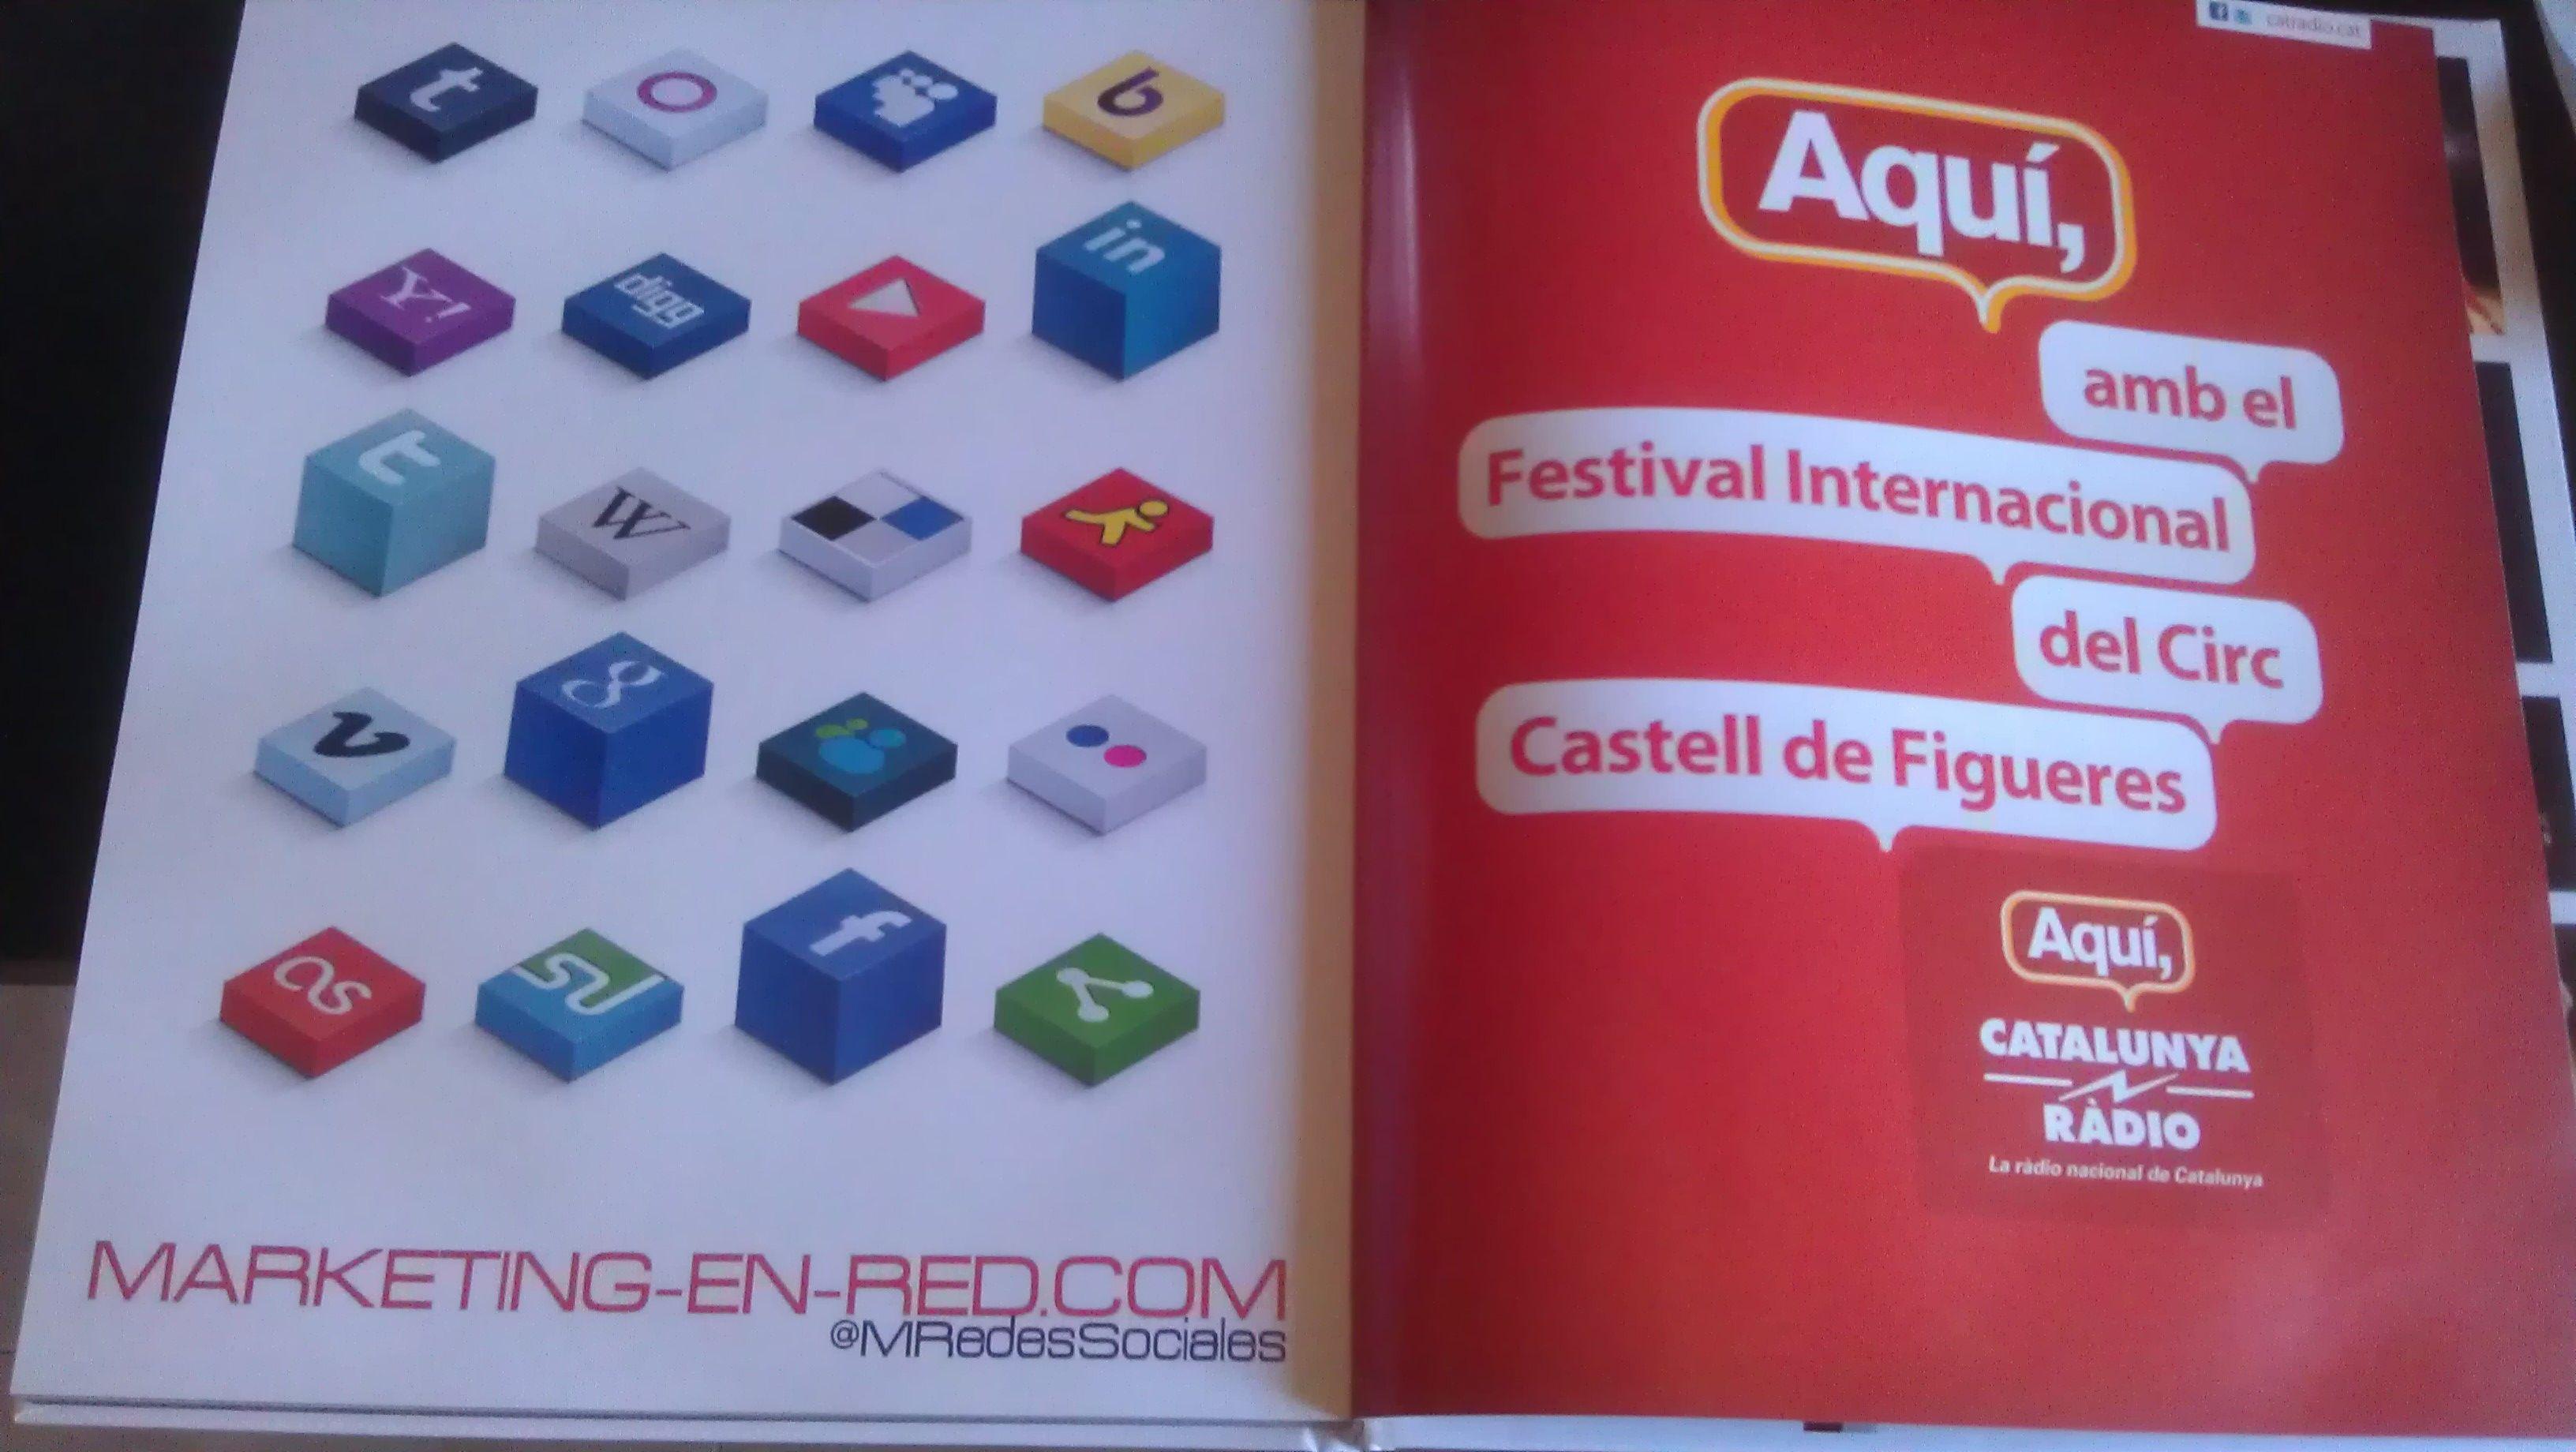 Publicidad de marketing-en-red.com en el libreto de mano del 1er festival internacional del circ